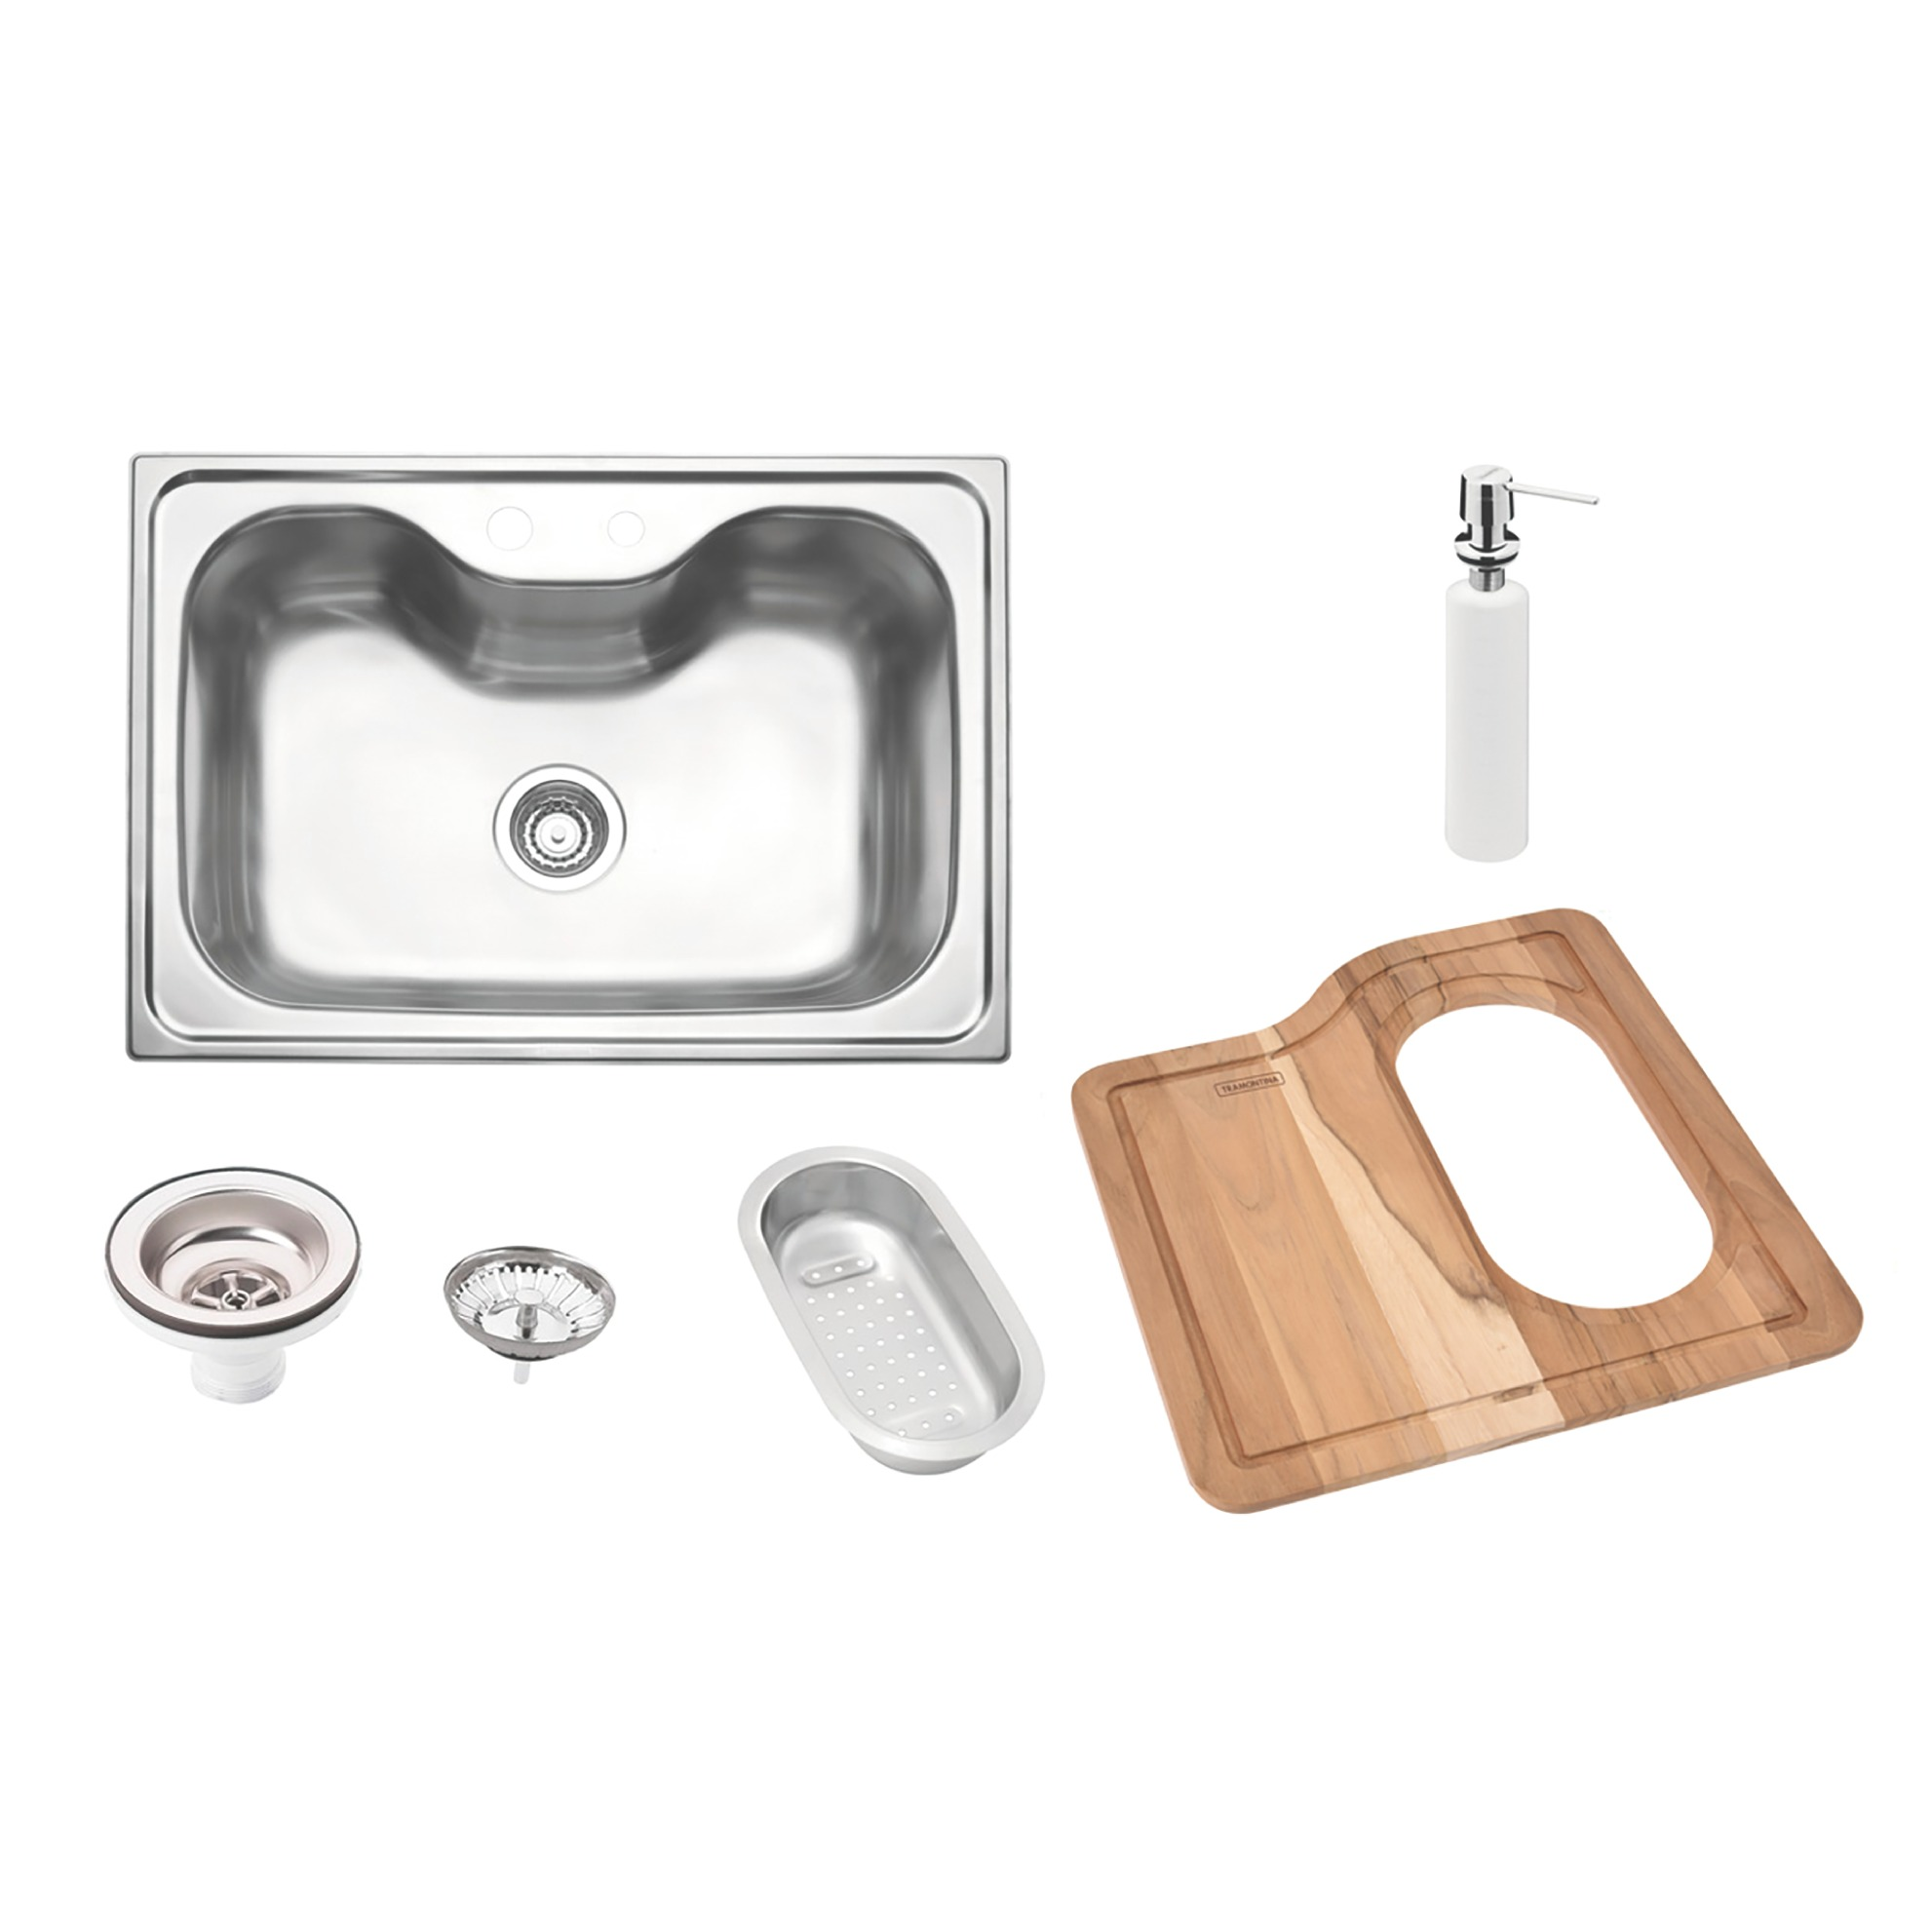 Cuba Simples para Cozinha de Sobrepor de Aco Inox Acetinado 68cm x 48cm com Valvula e Tabua Prata - 93806102 - Tramontina